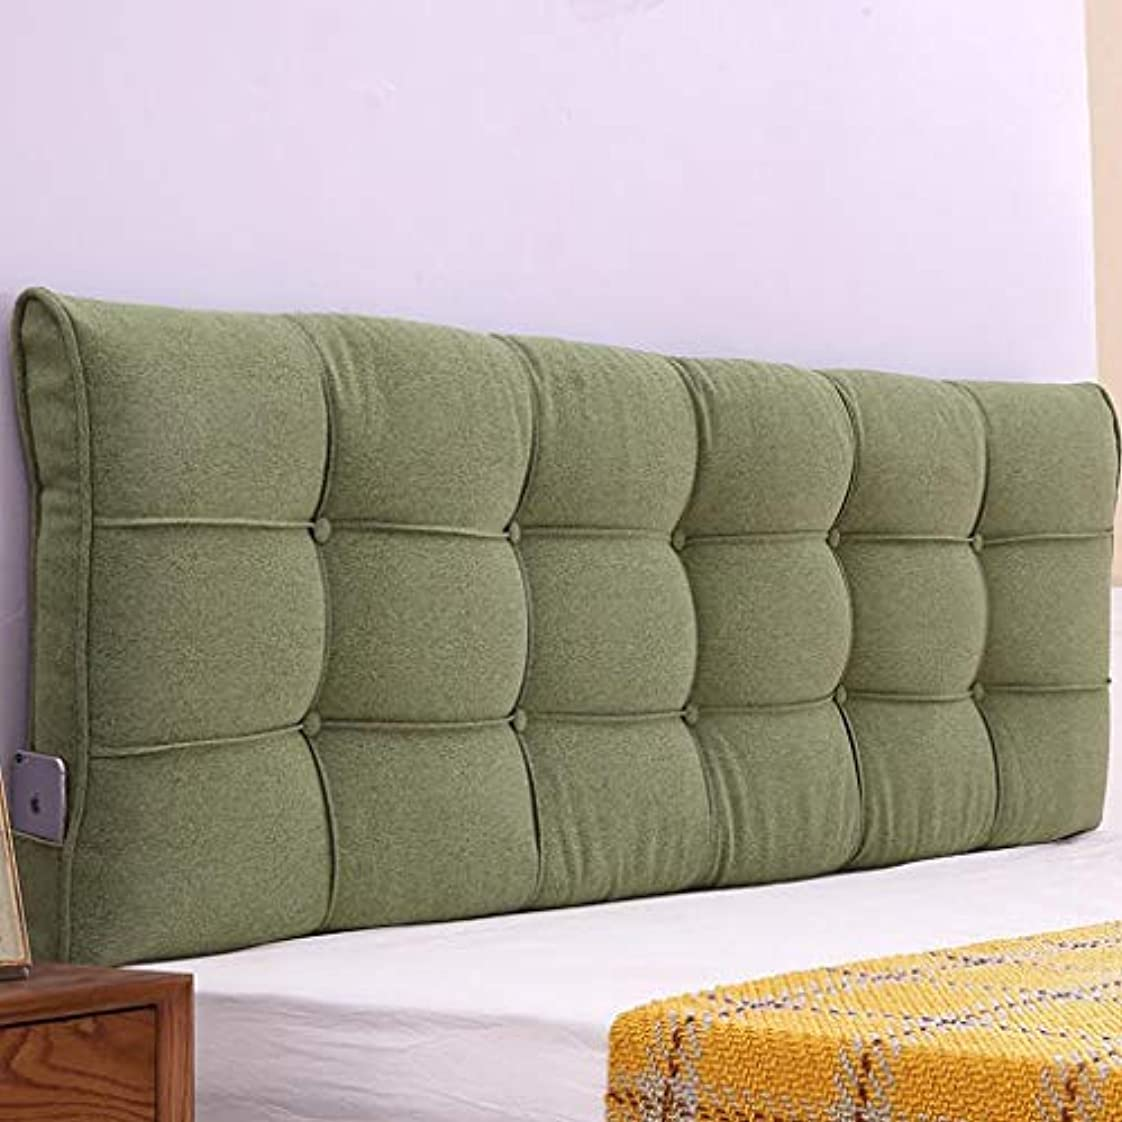 リネンコットンベッド大クッションベッドベッドベッドクッションバック枕ベッド枕取り外し可能と洗える Zsetop (Color : B, Size : 180*58*10cm)